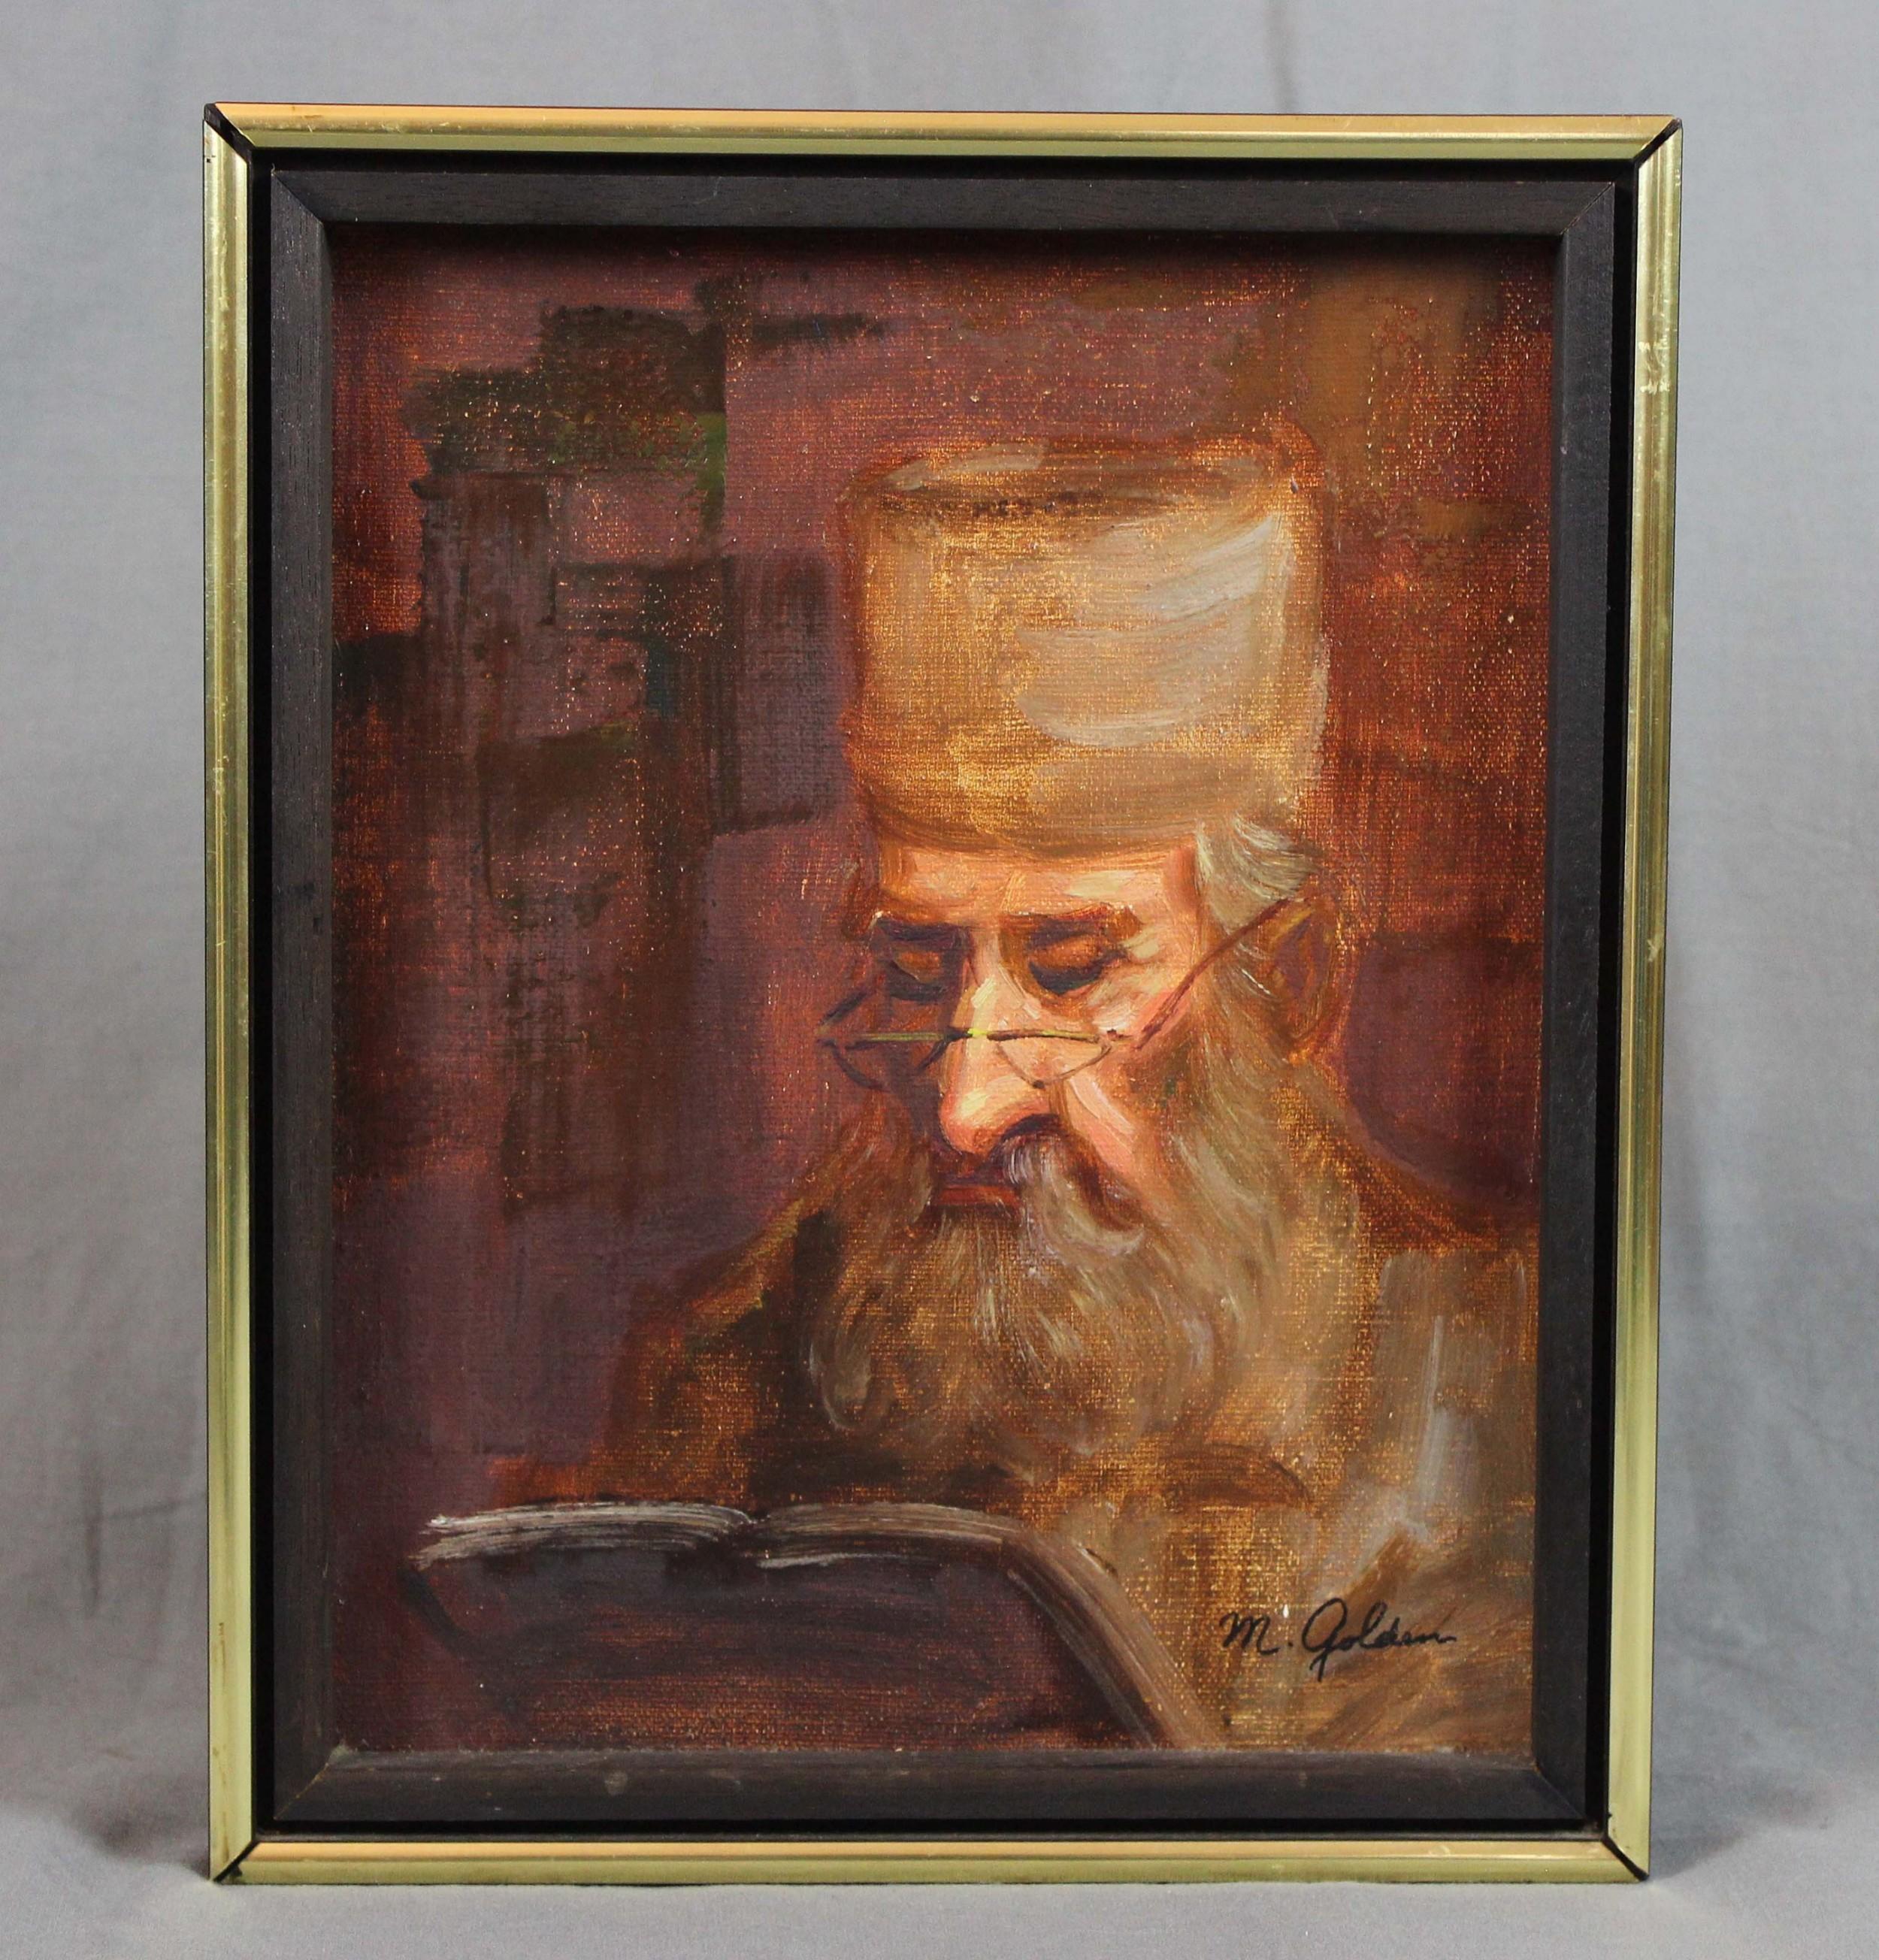 portrait oil painting rabbi by m golden